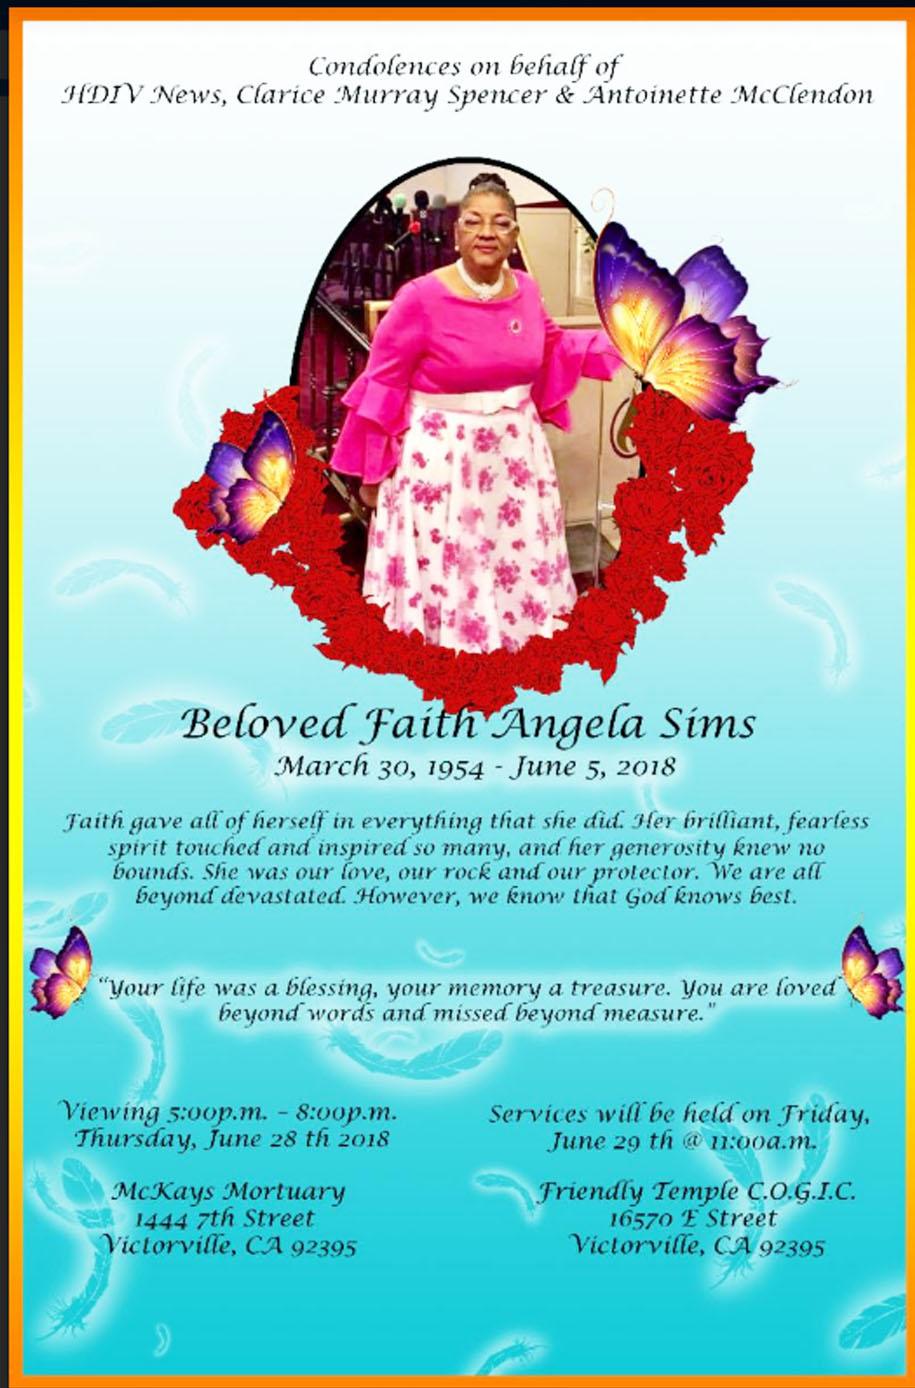 Faith Angela Sims